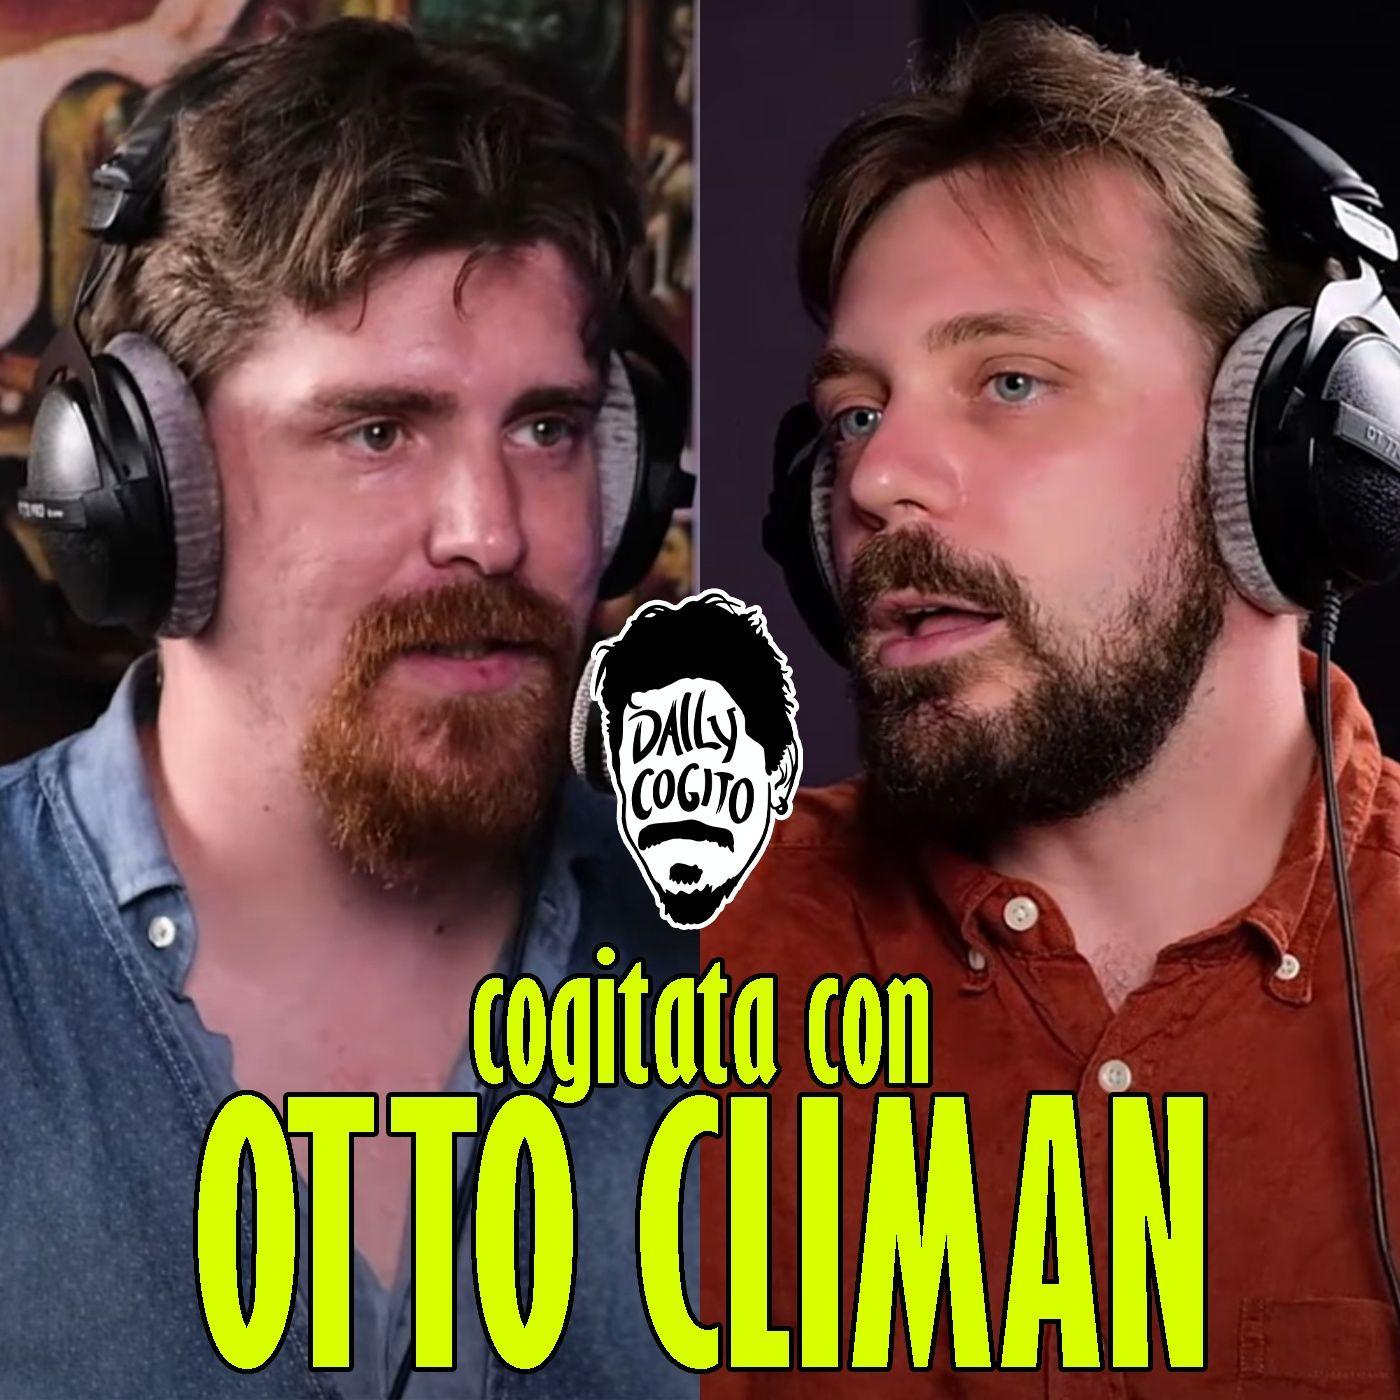 Cogitata con OTTO CLIMAN, influencer tech